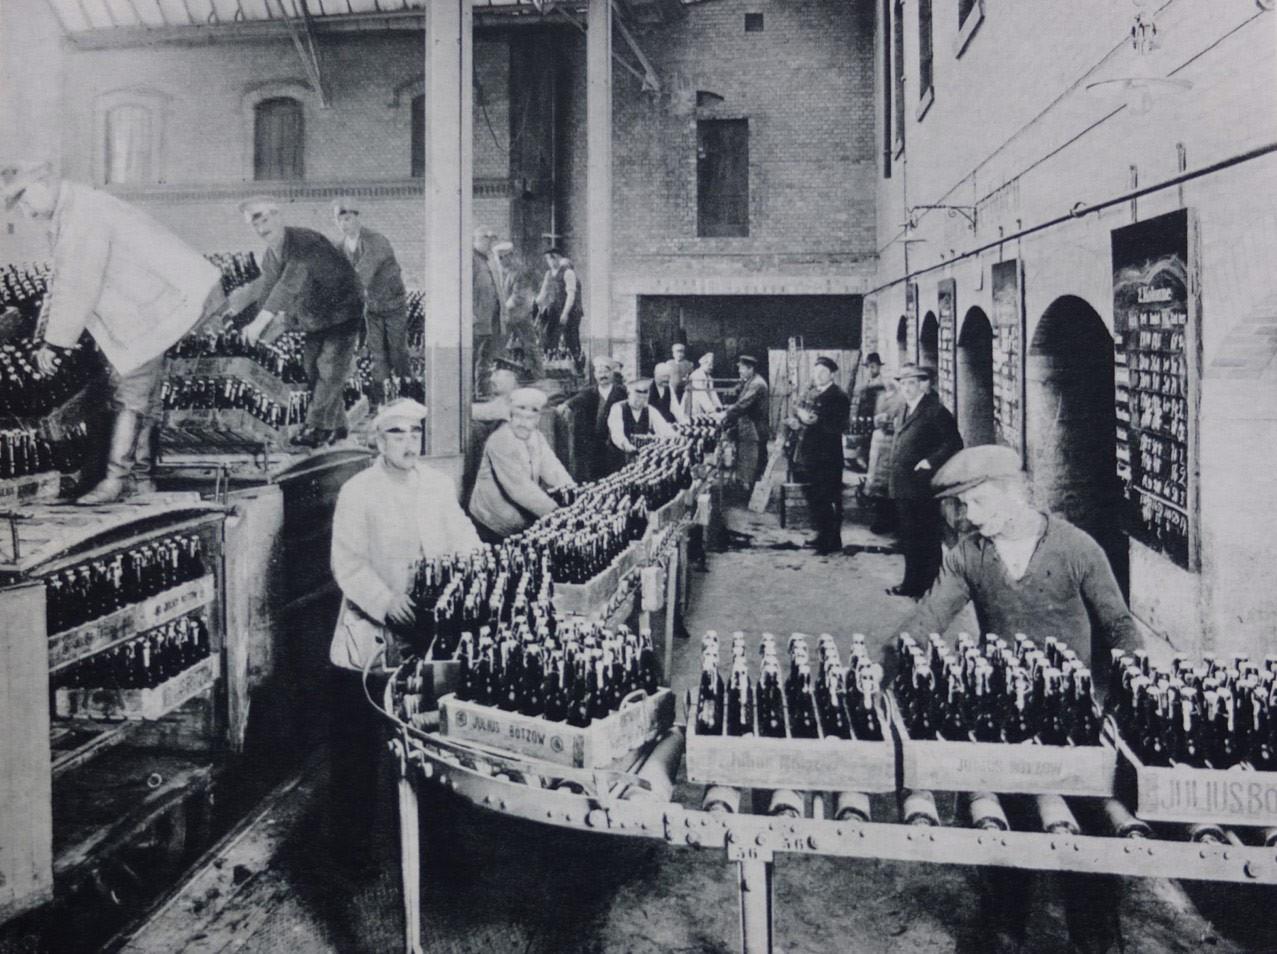 Arbeiter an der Produktionsstrecke der ehemaligen Bötzow-Brauerei Berlin, Flaschenkästen auf der Rollbahn